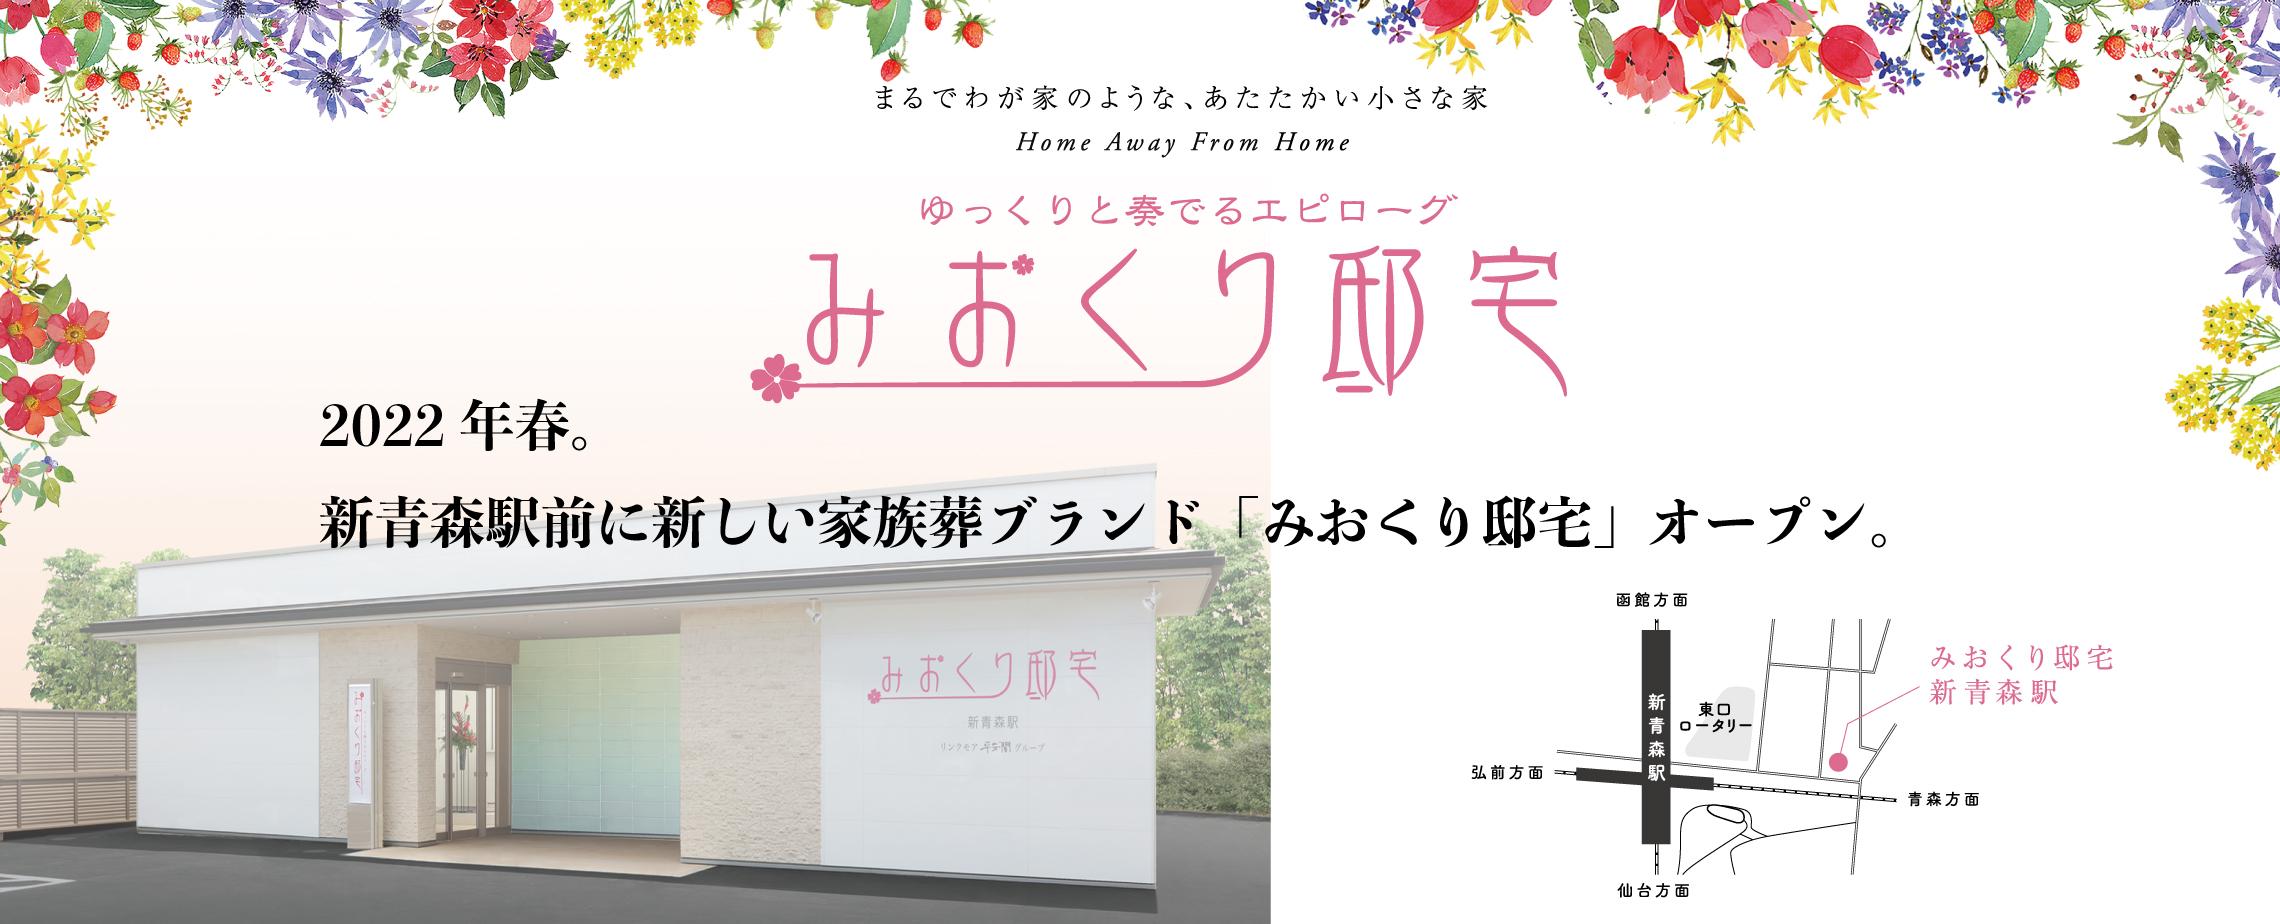 2022年春、家族葬ブランド「みおくり邸宅」オープン